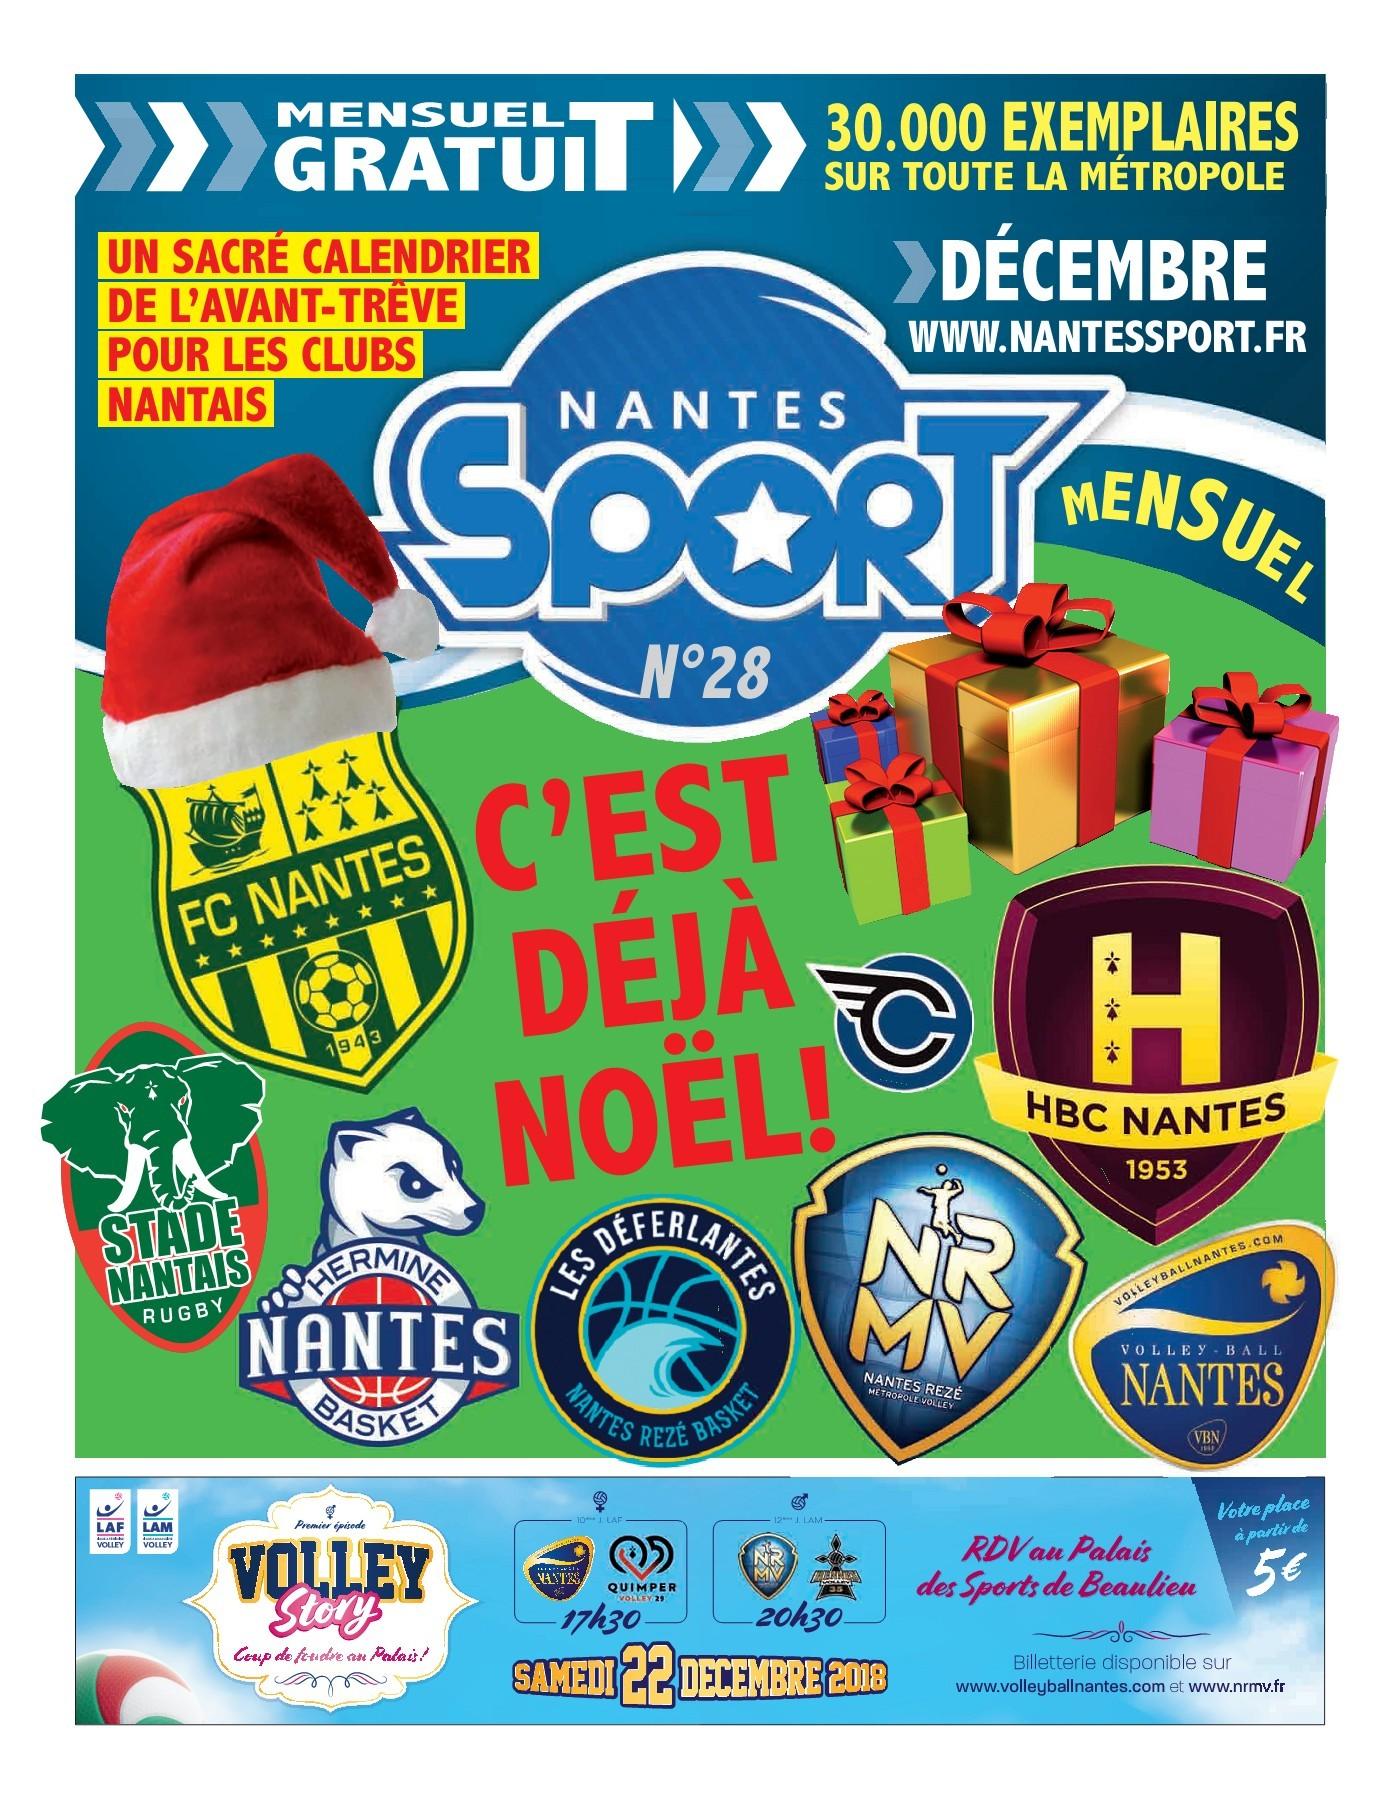 Enseigne Leclerc Best Of Nantes Sport 028 Pages 1 48 Text Version Of 24 Inspirant Enseigne Leclerc